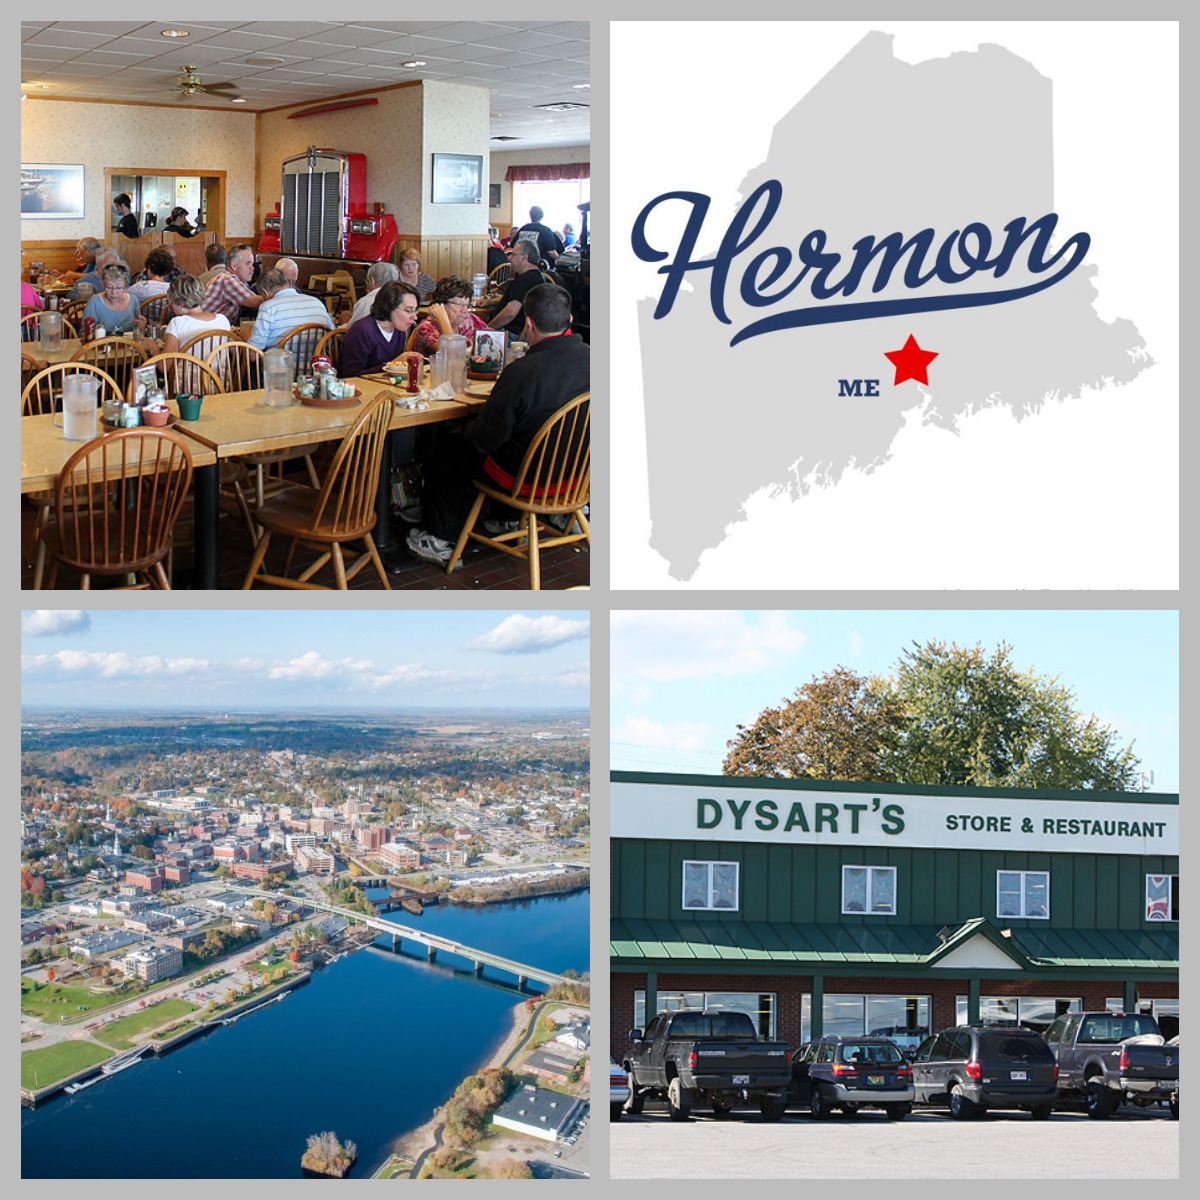 Dysart's Restaurant - Hermon, ME